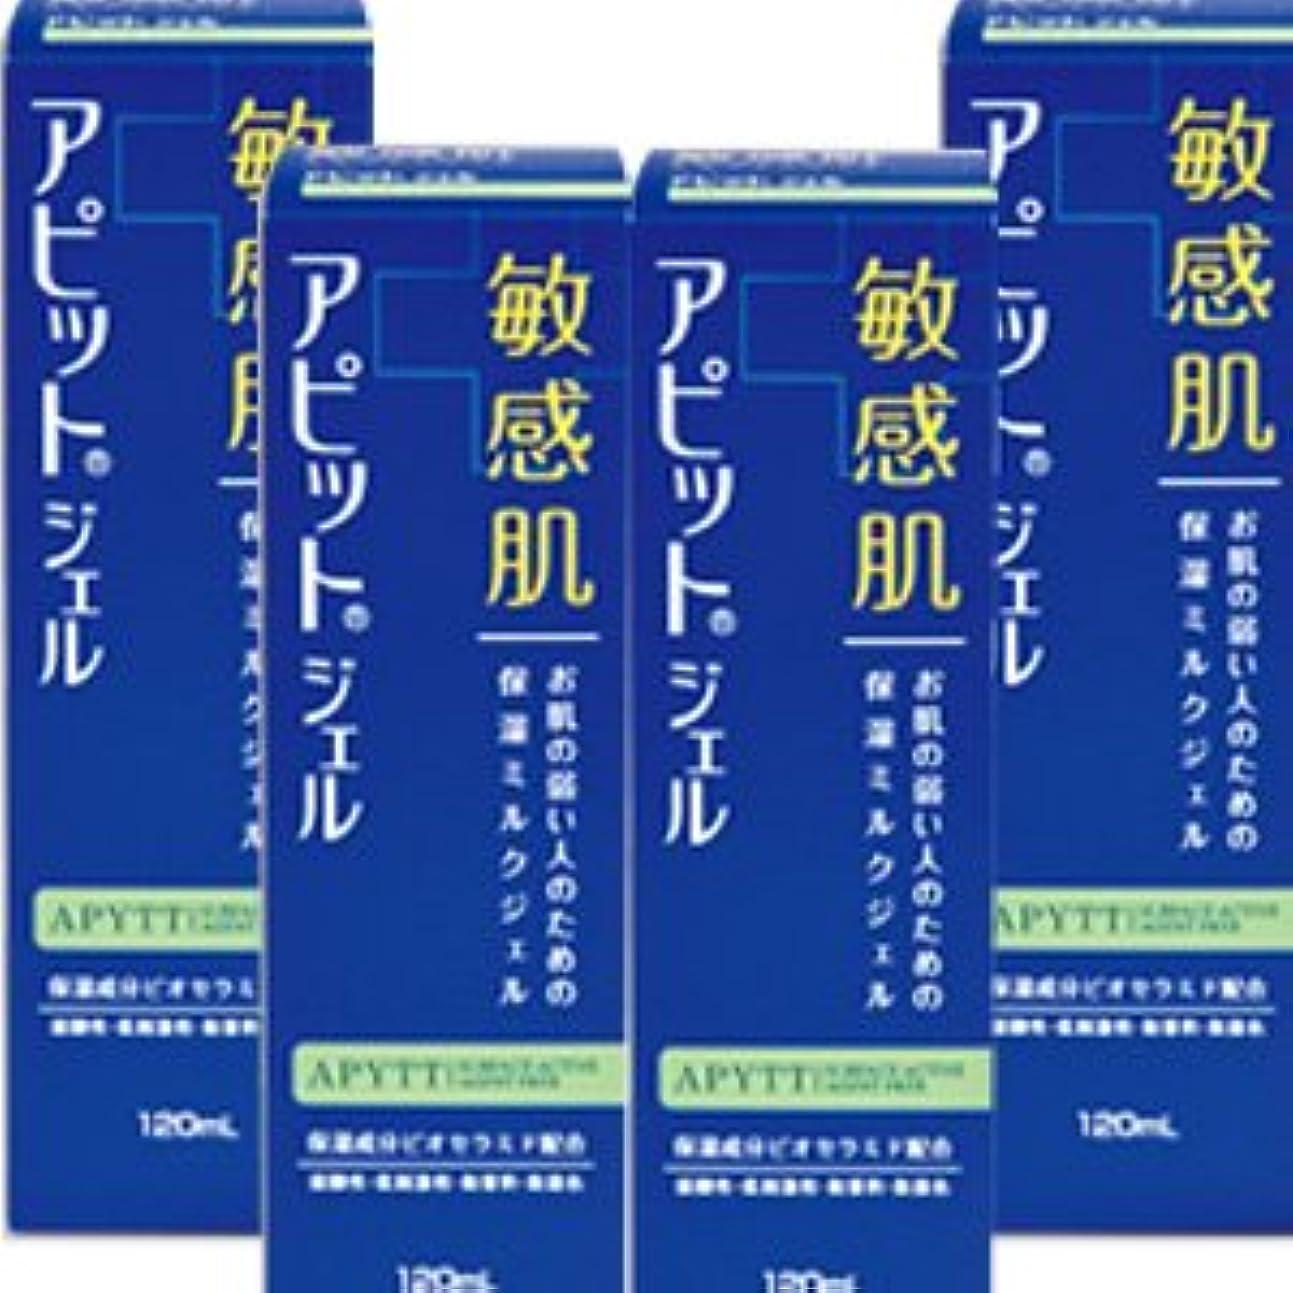 バンク知り合い時期尚早【4個】全薬工業 アピットジェルS 120mlx4個セット (4987305034625)